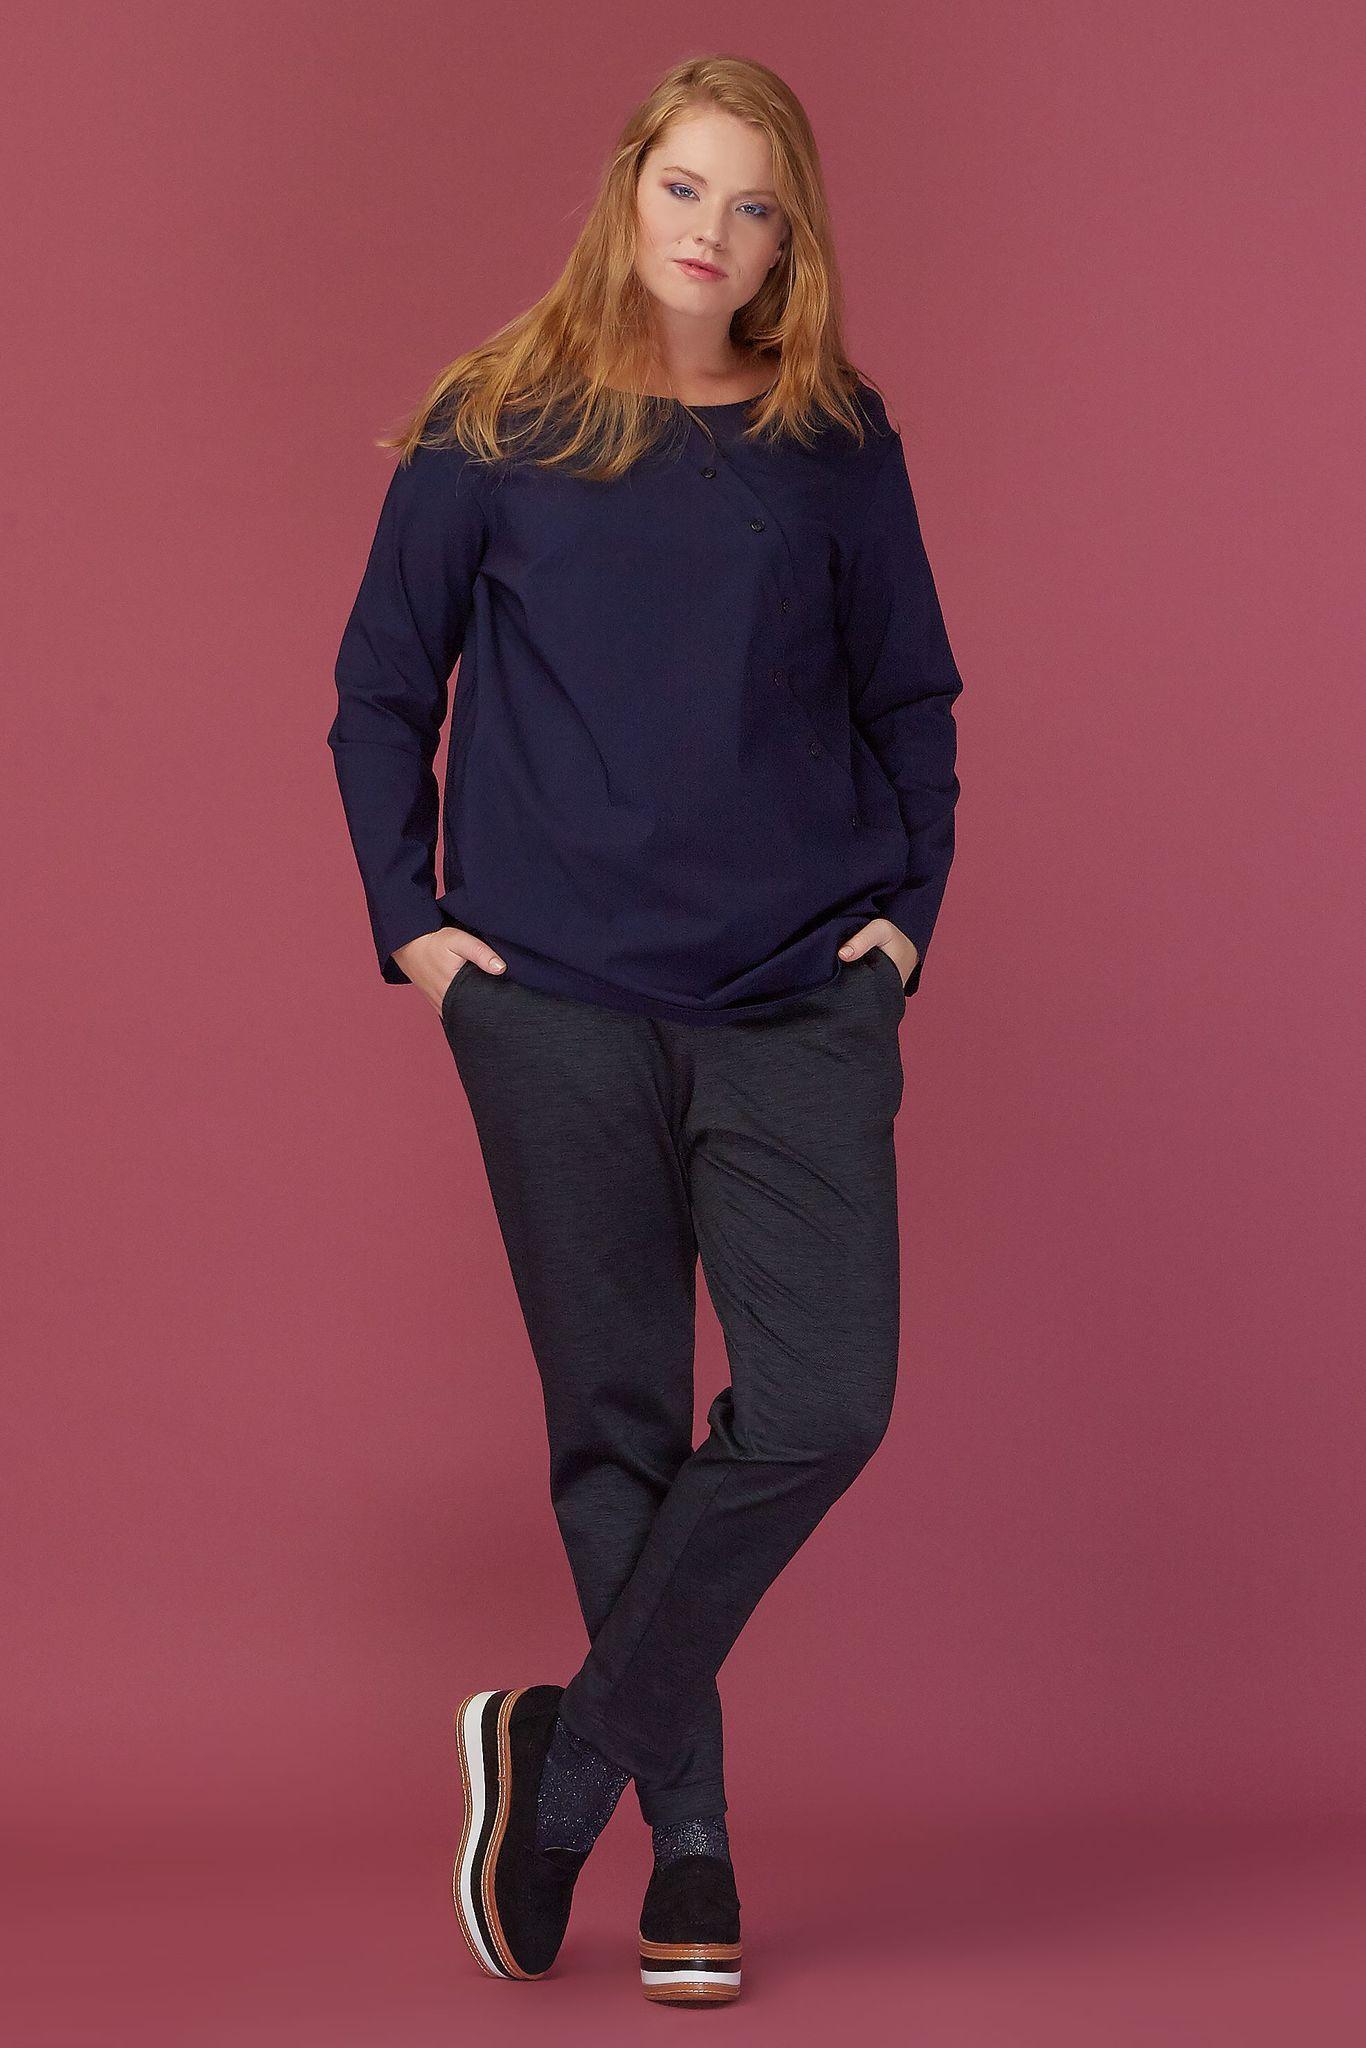 Блуза LE-08 B02 31Блузы<br>Блуза-рубашка из приятного плотного хлопка, с косой планкой-застежкой и свободным облеганием по спинке. Спинка немного длиннее полочки, что дает идеальную посадку. Новый взгляд на рубашку, привносящий в образ  чуточку Японии. Прекрасно подходит для офиса и прогулок по городу. Рост модели на фото 179 см, размер - 52 российский.Рост модели на фото 179 см, размер - 52 российский<br>